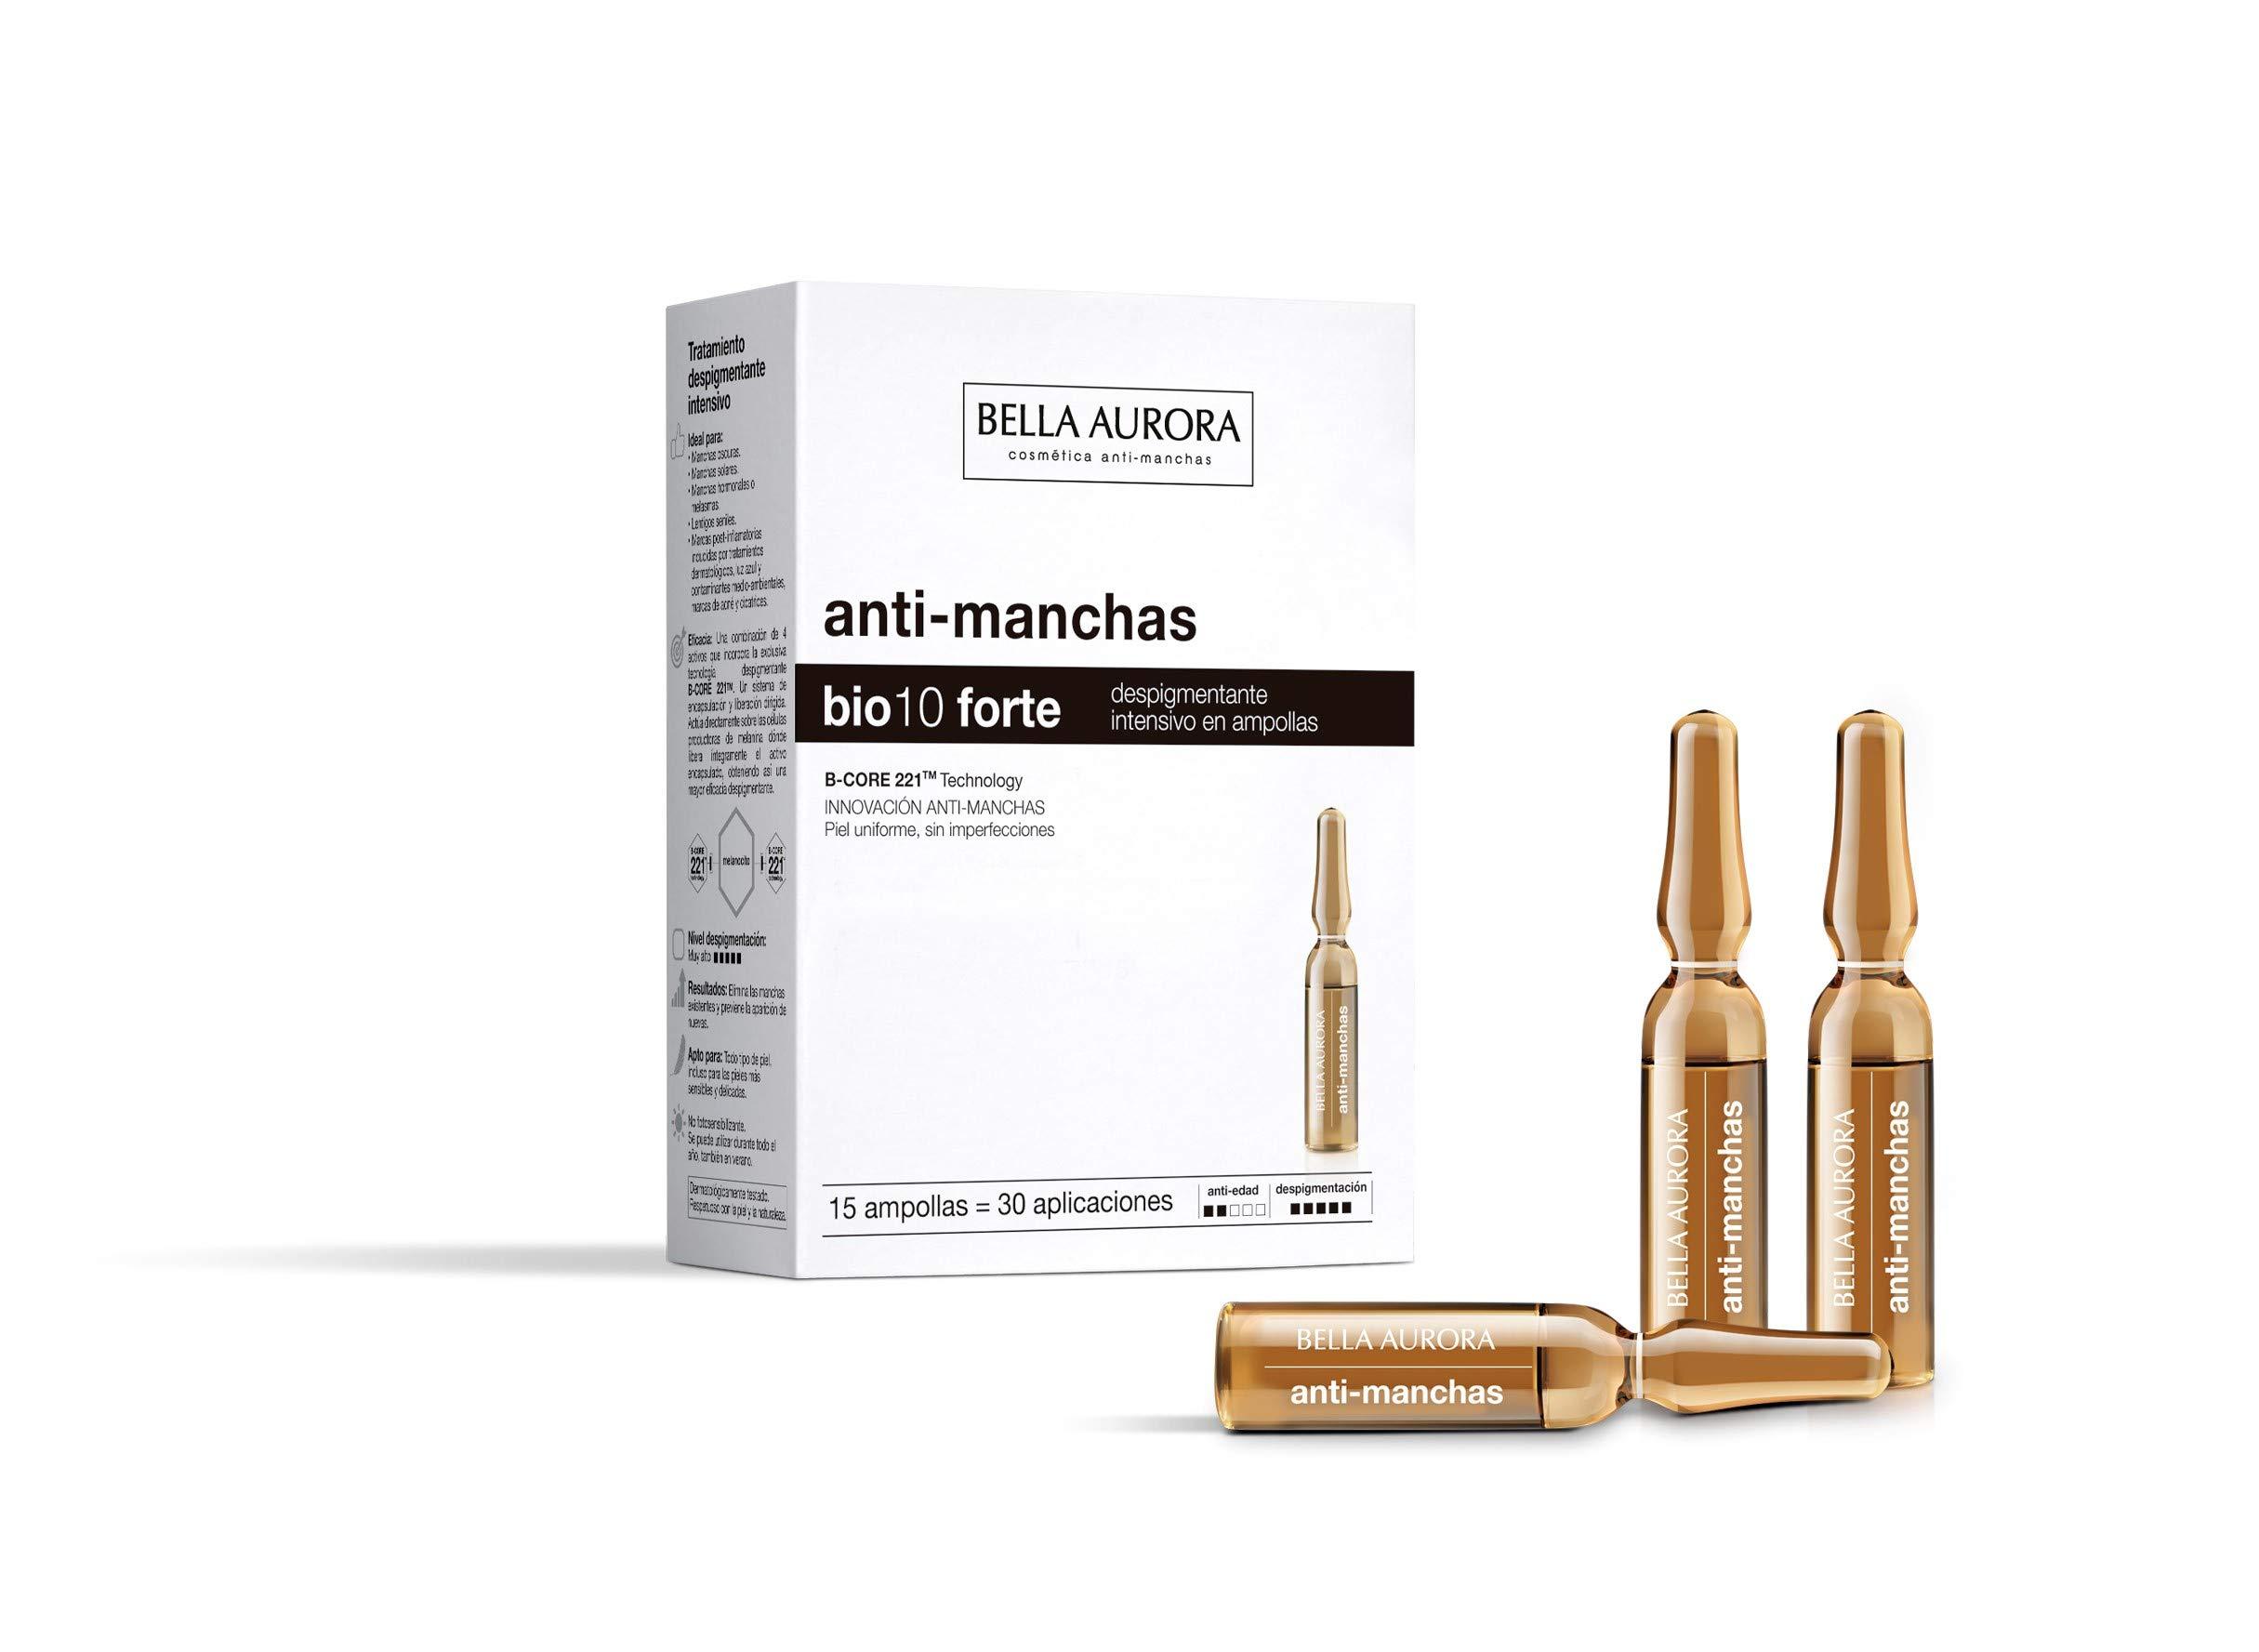 Bella Aurora Bio10 Tratamiento Despigmentante Facial Intensivo en Ampollas | Anti-Manchas, 15 Ampollas